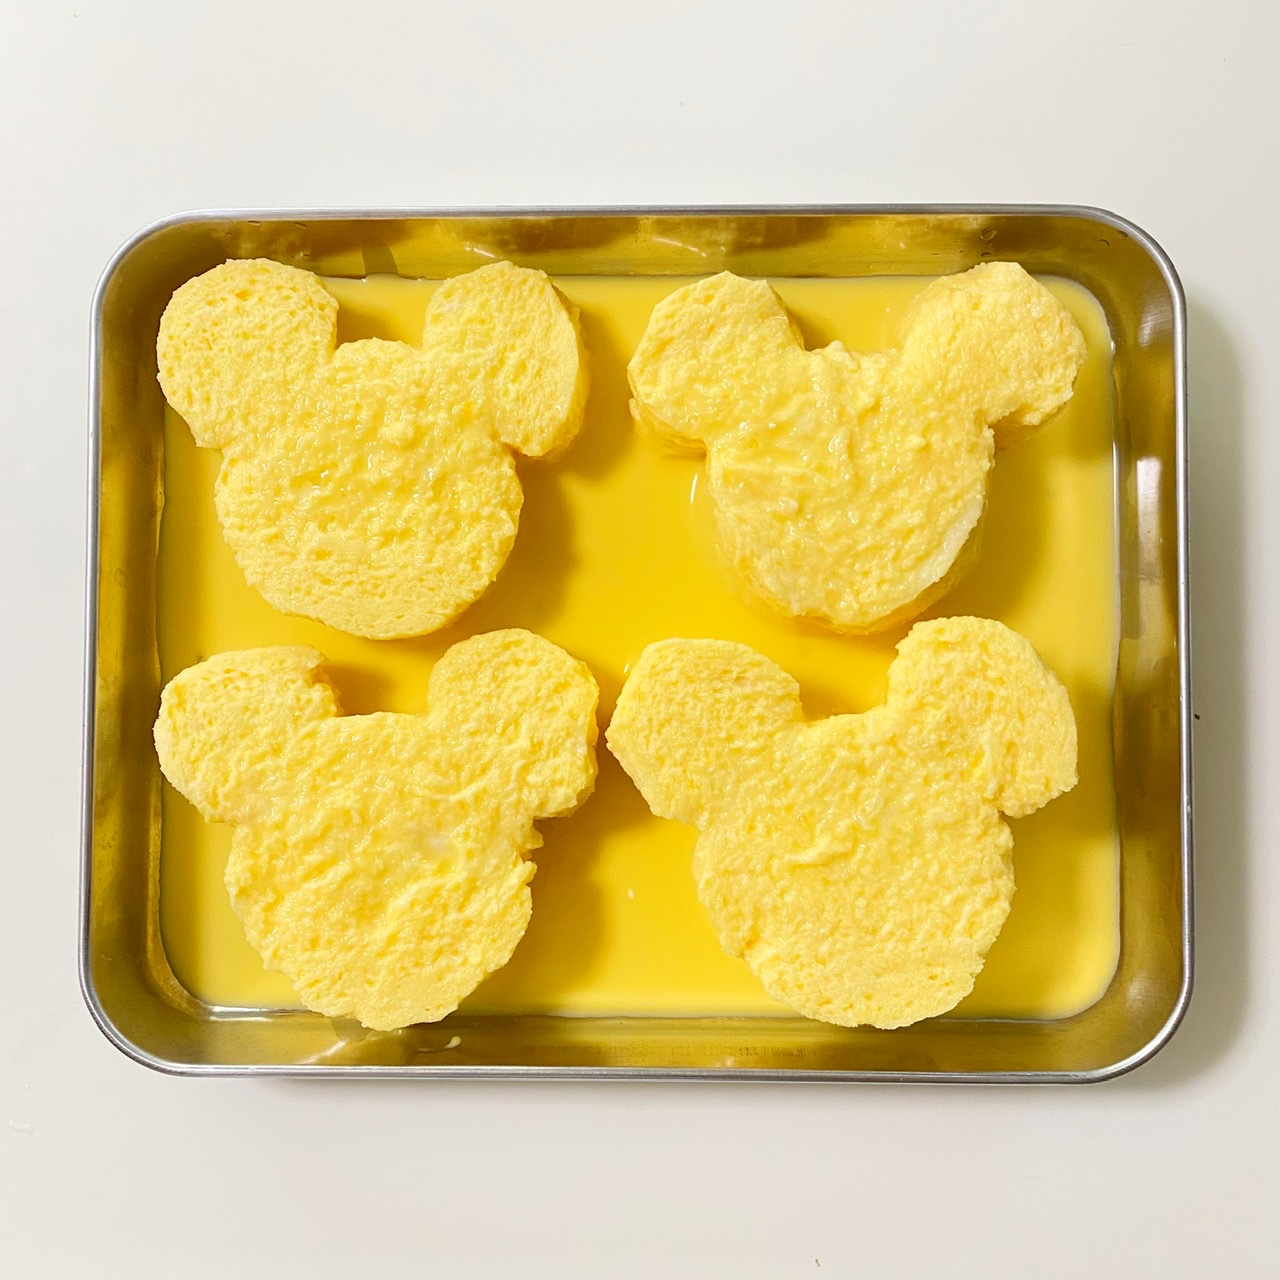 【ディズニーランド】のフレンチトースト♡公式レシピで作ってみました!_4